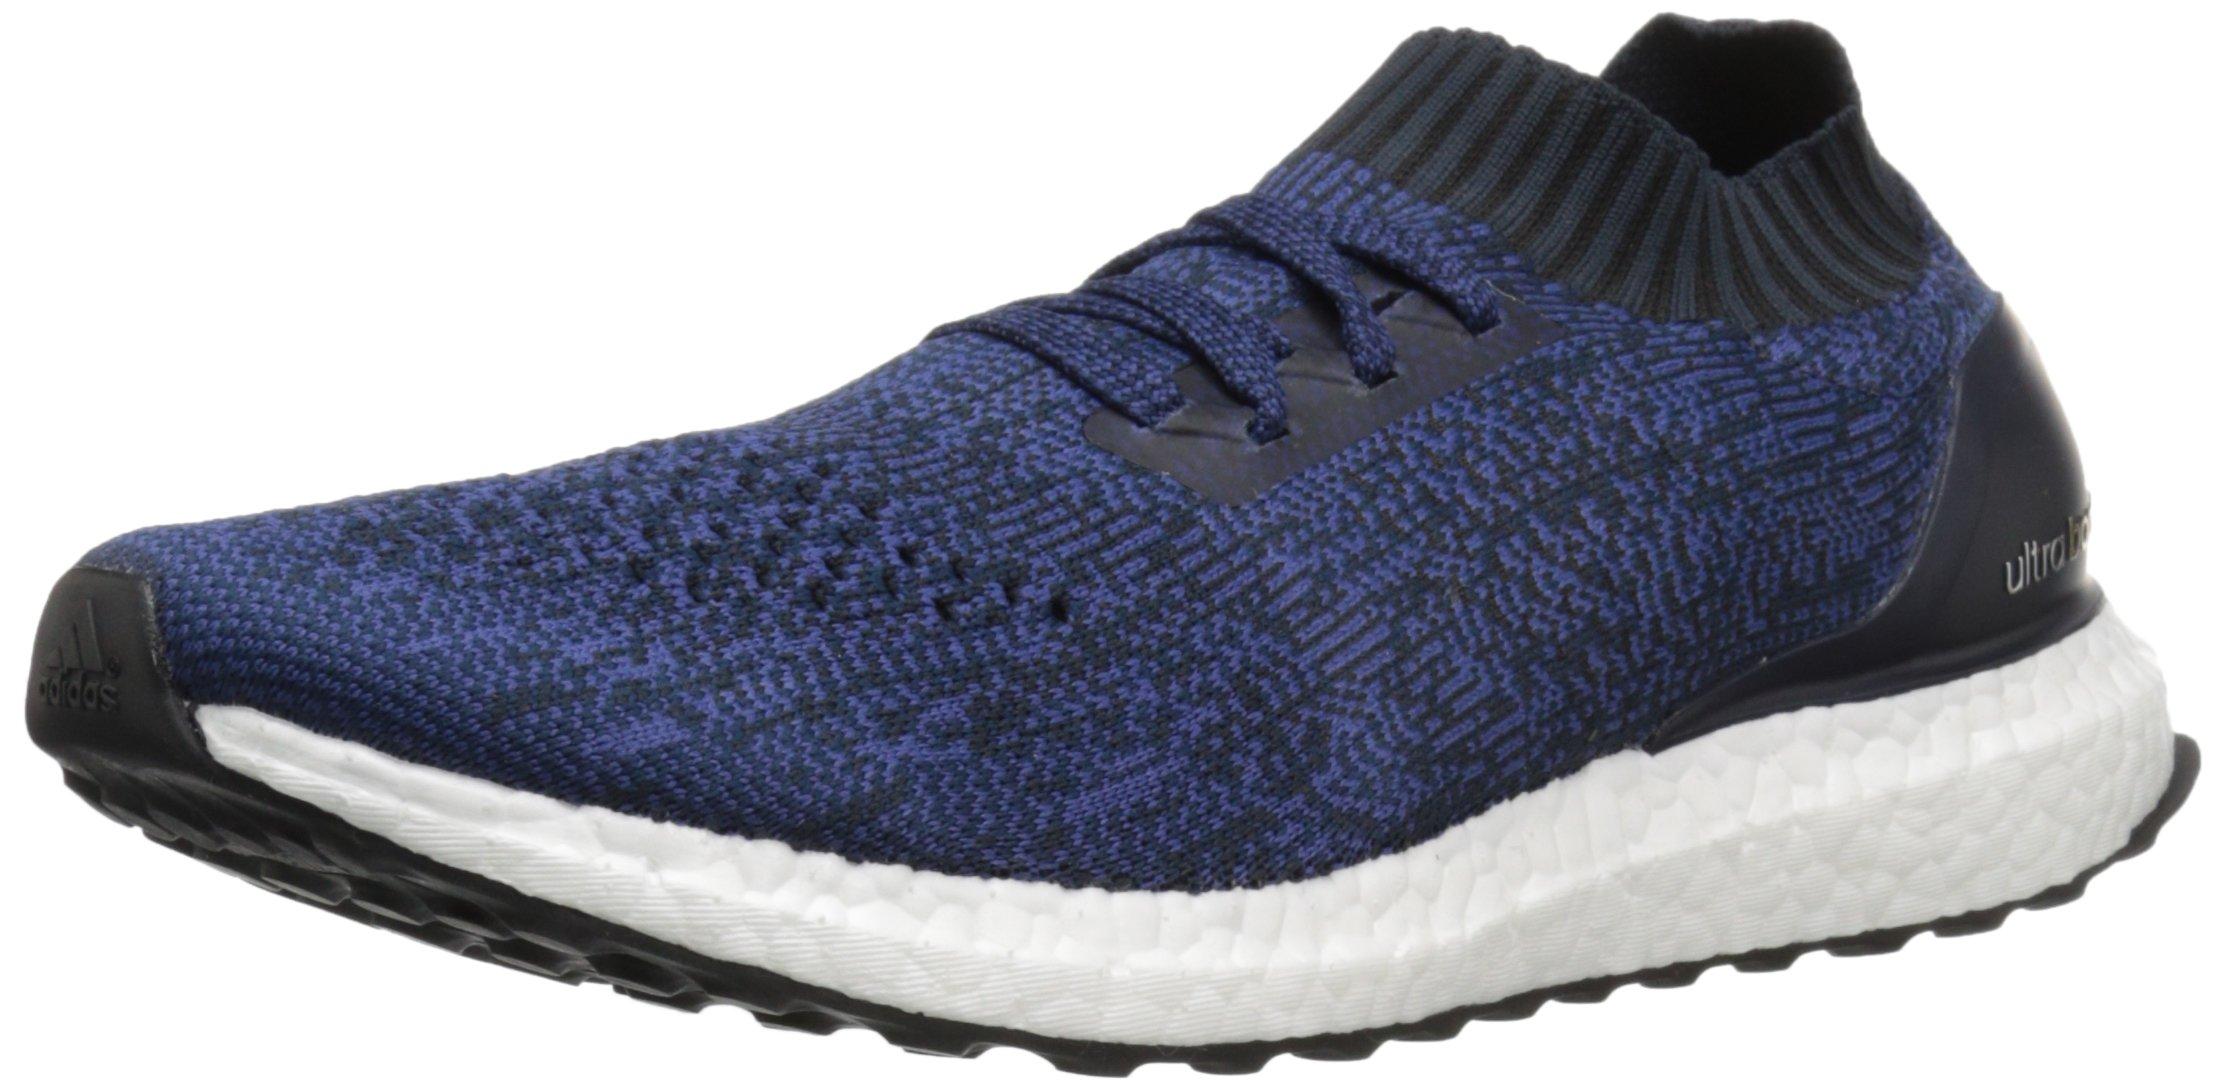 dfc057ca08d9d Galleon - Adidas Men s Ultraboost Uncaged M Running Shoe